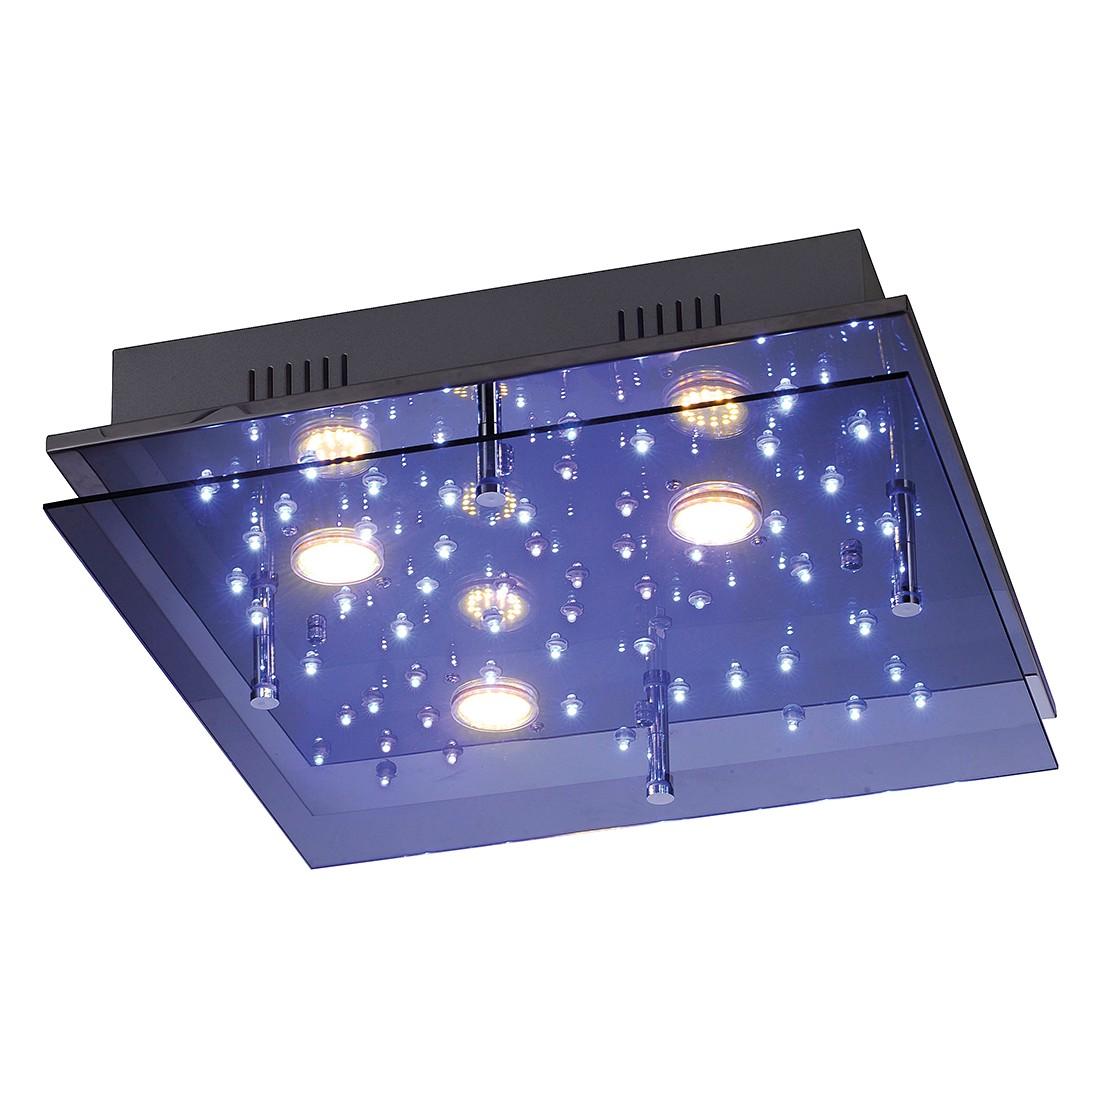 led deckenleuchte nightsky 2 by leuchten direkt eisen chrom silber leuchten direkt a jetzt kaufen. Black Bedroom Furniture Sets. Home Design Ideas